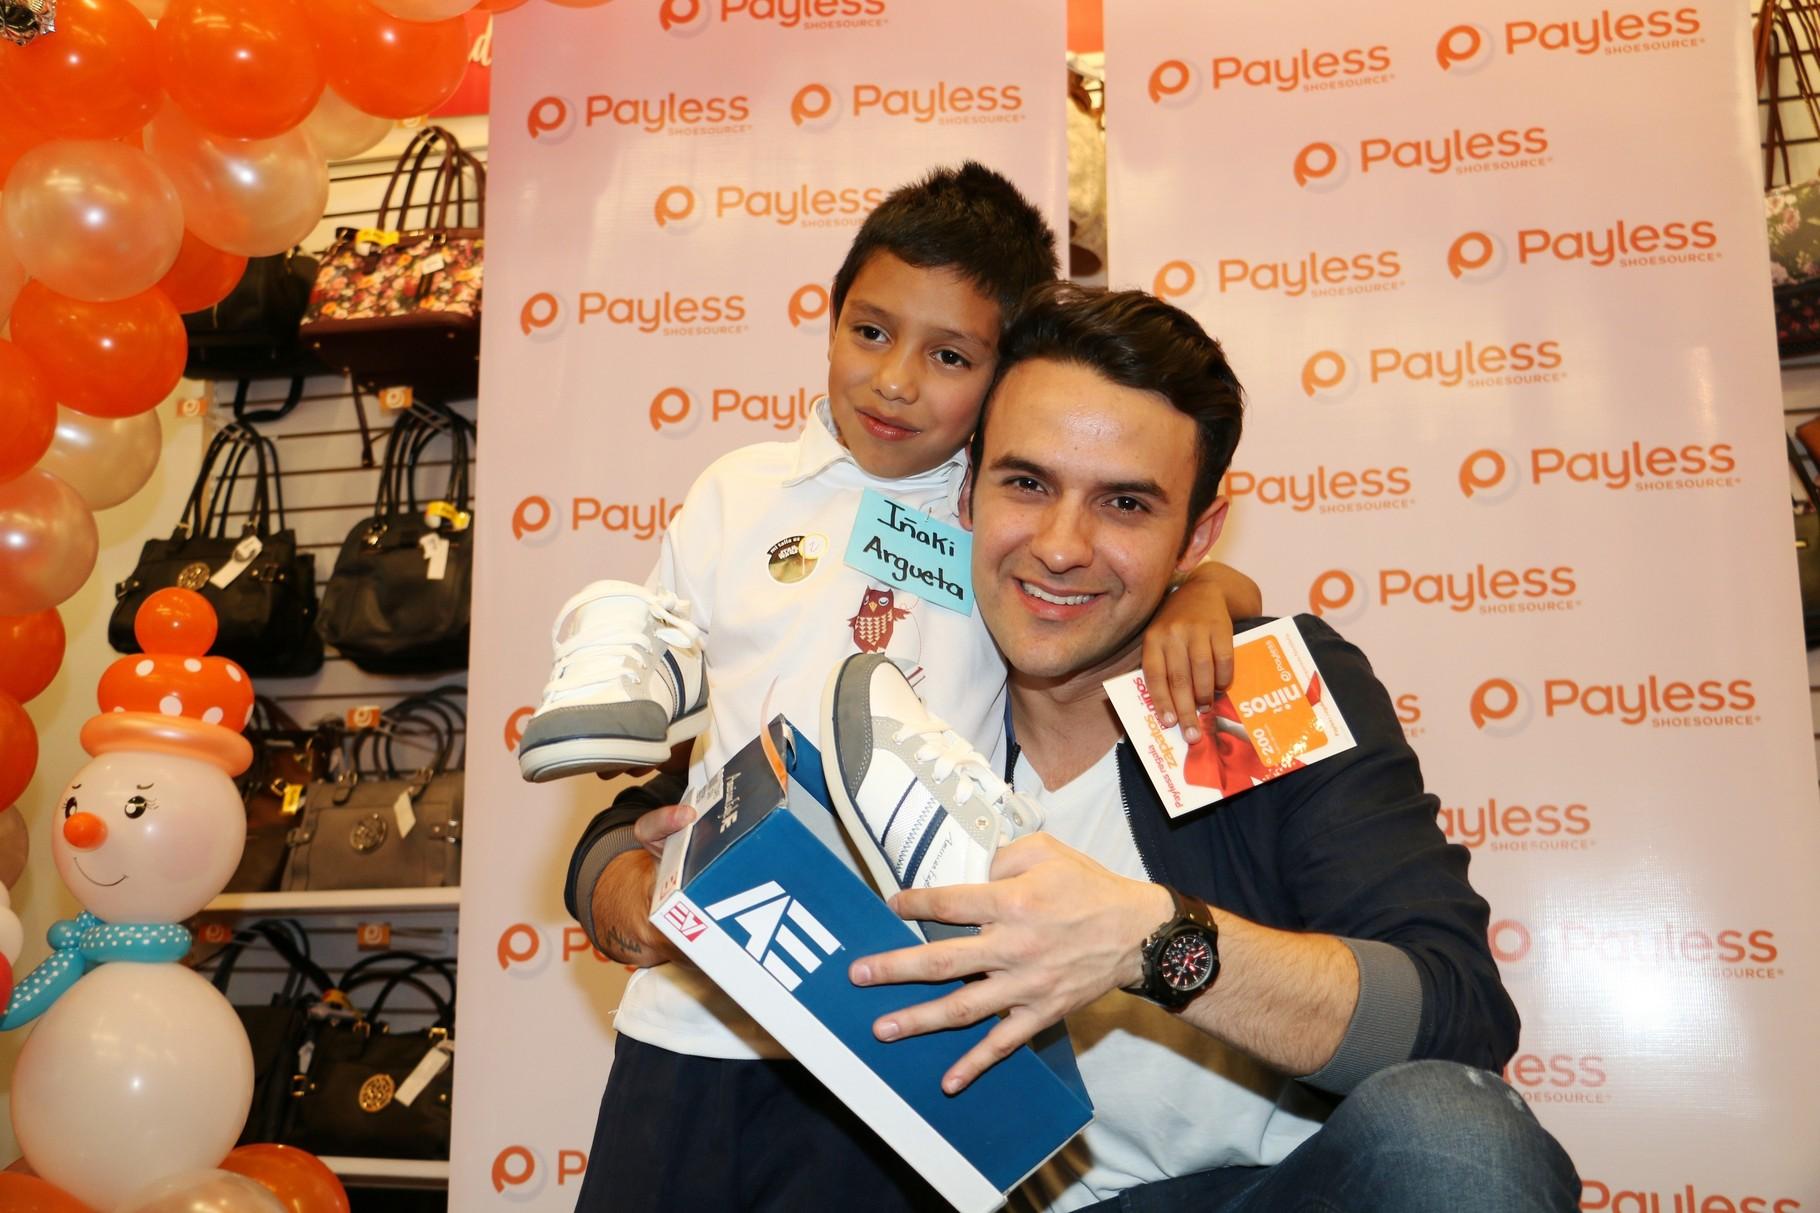 El cantante guatemalteco Carlos Peña apadrinó a los niños a quien Payless Shoes les obsequiará zapatos esta Navidad.